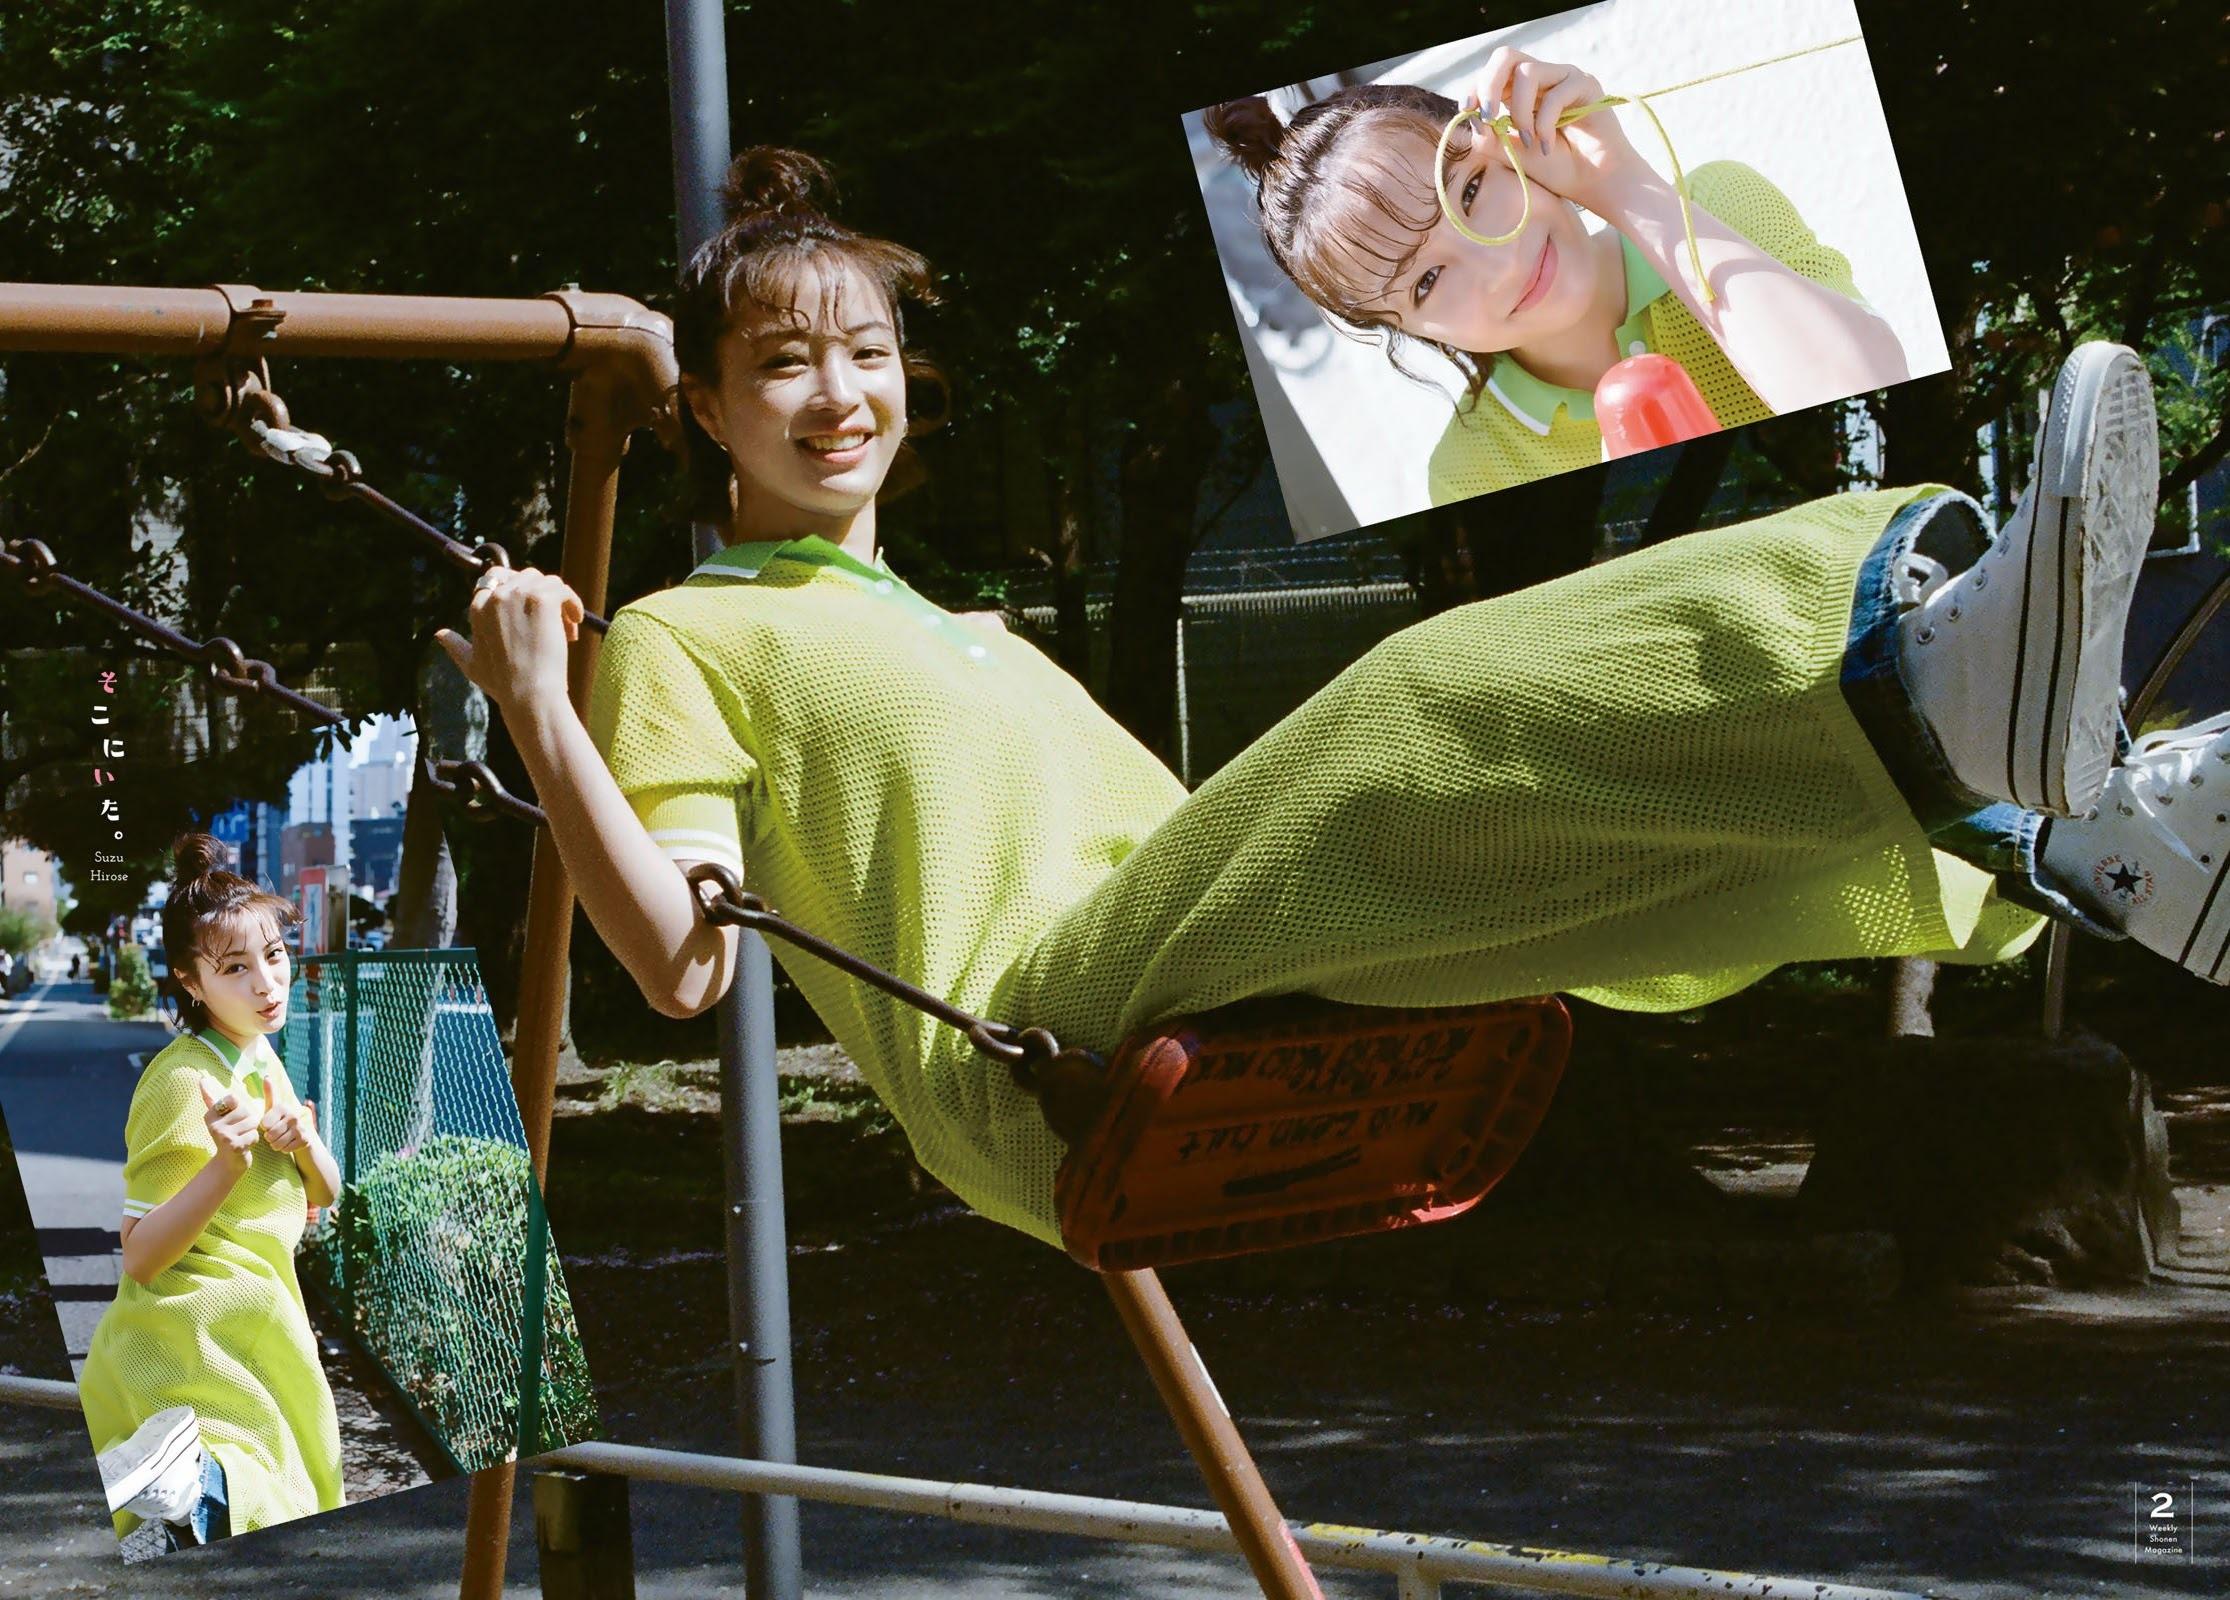 少年Magazine 广濑丝丝 广濑铃002